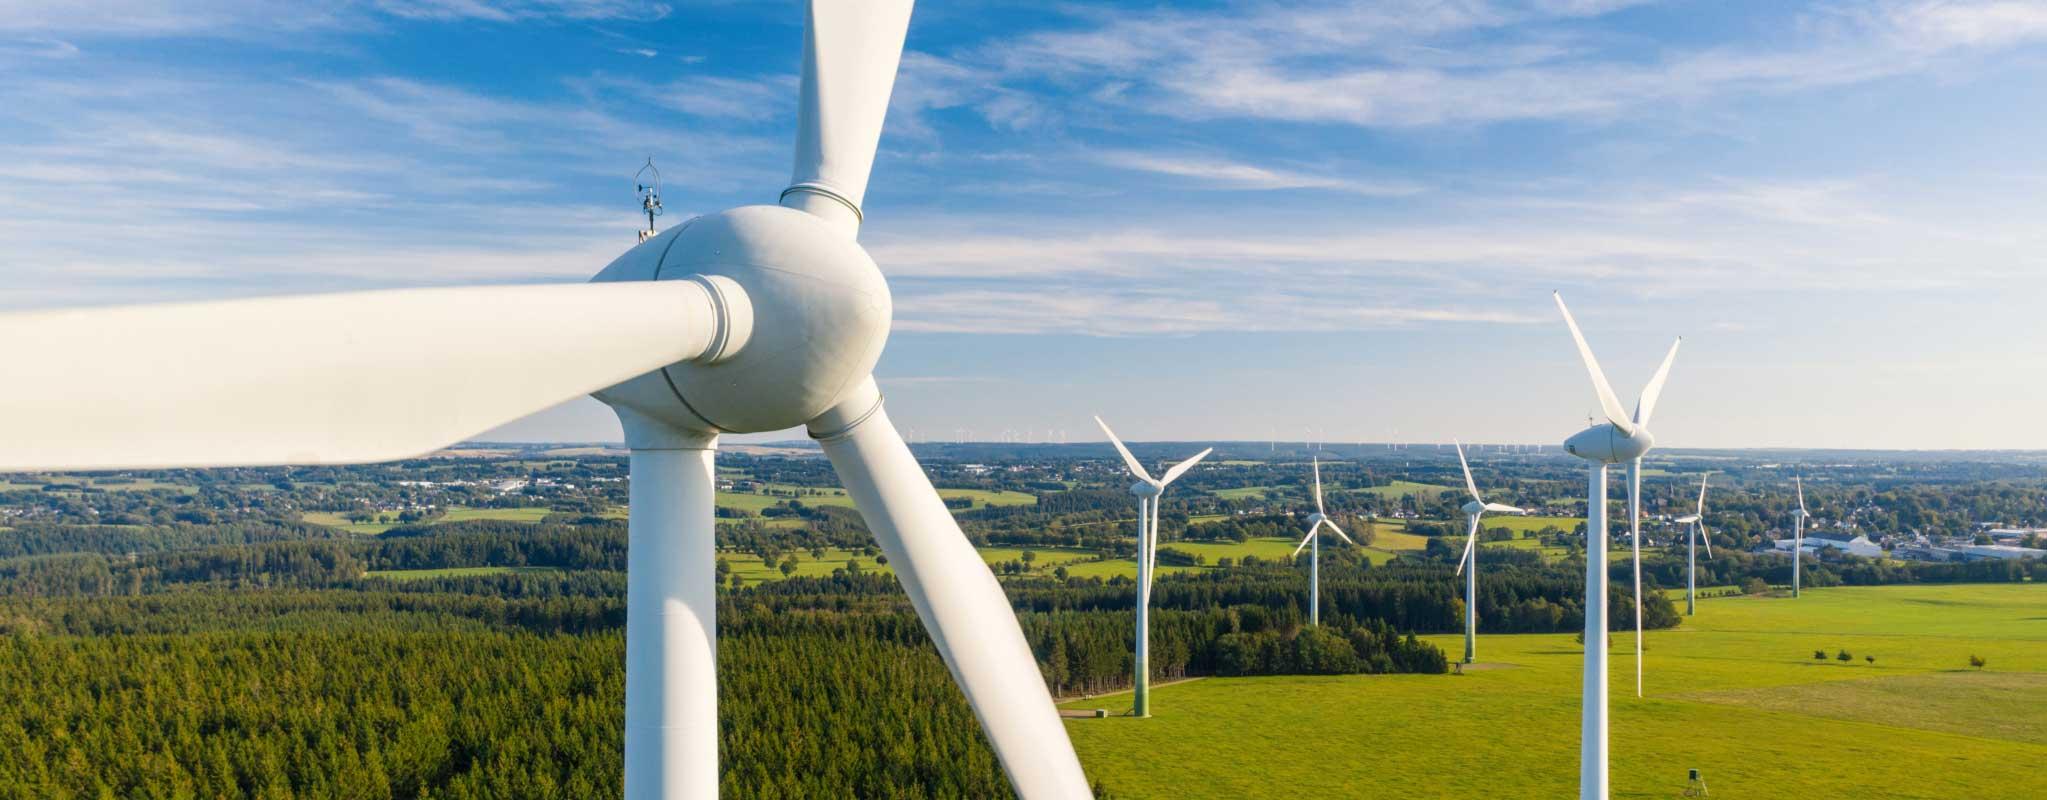 Wind Energy in Kentucky